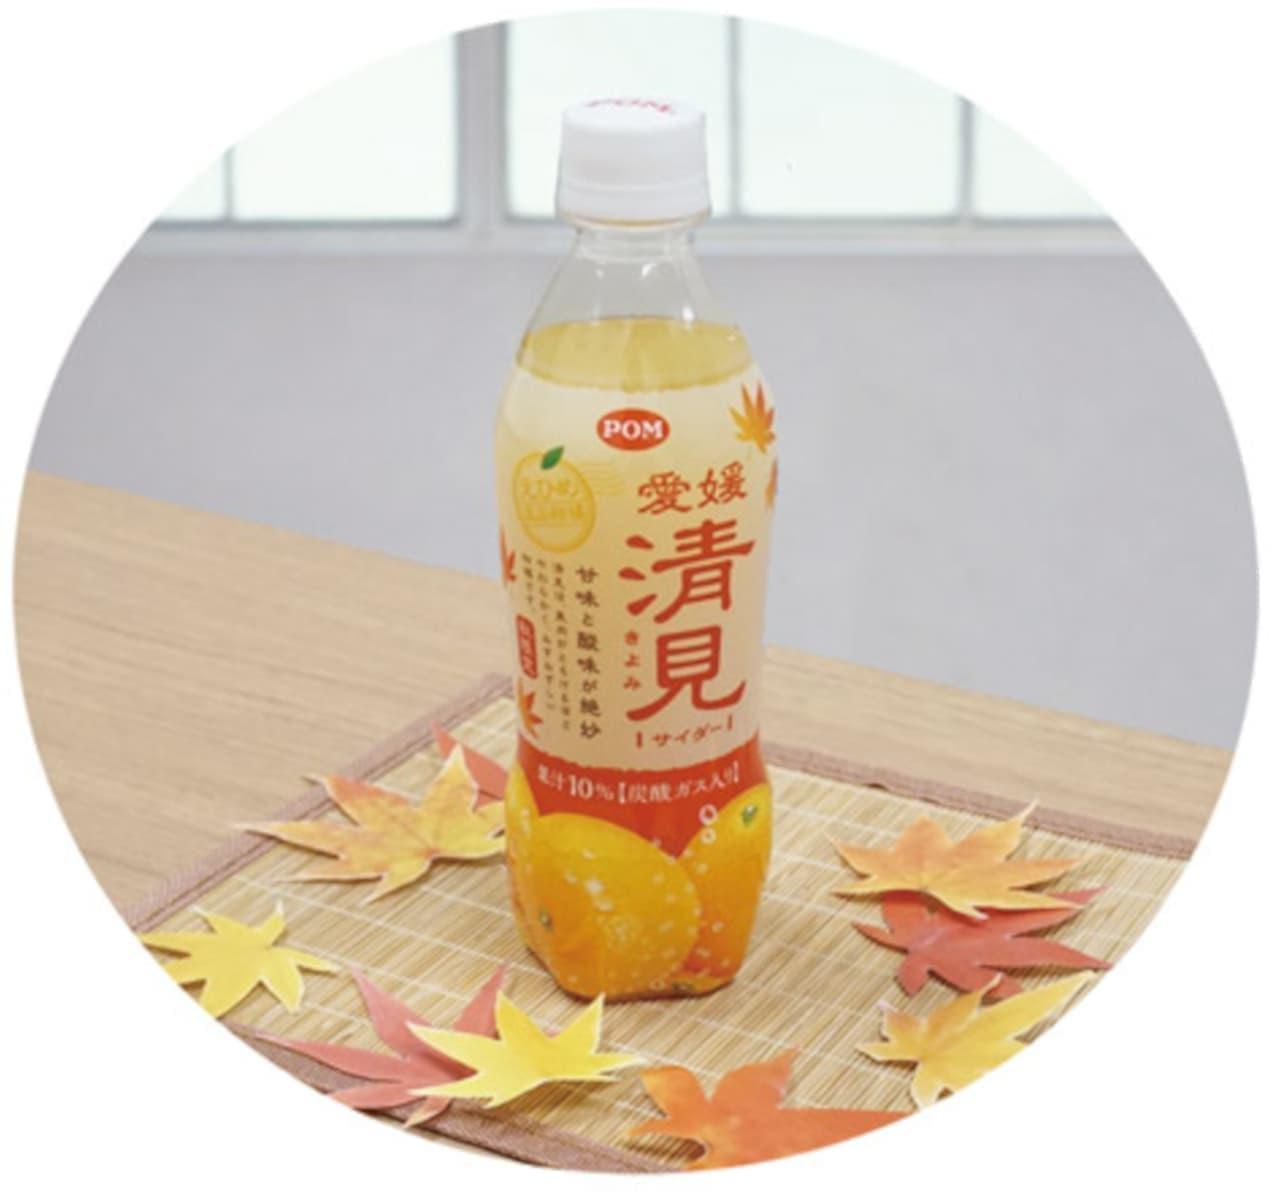 えひめ飲料「POM えひめ逸品柑橘 愛媛きよみサイダー」